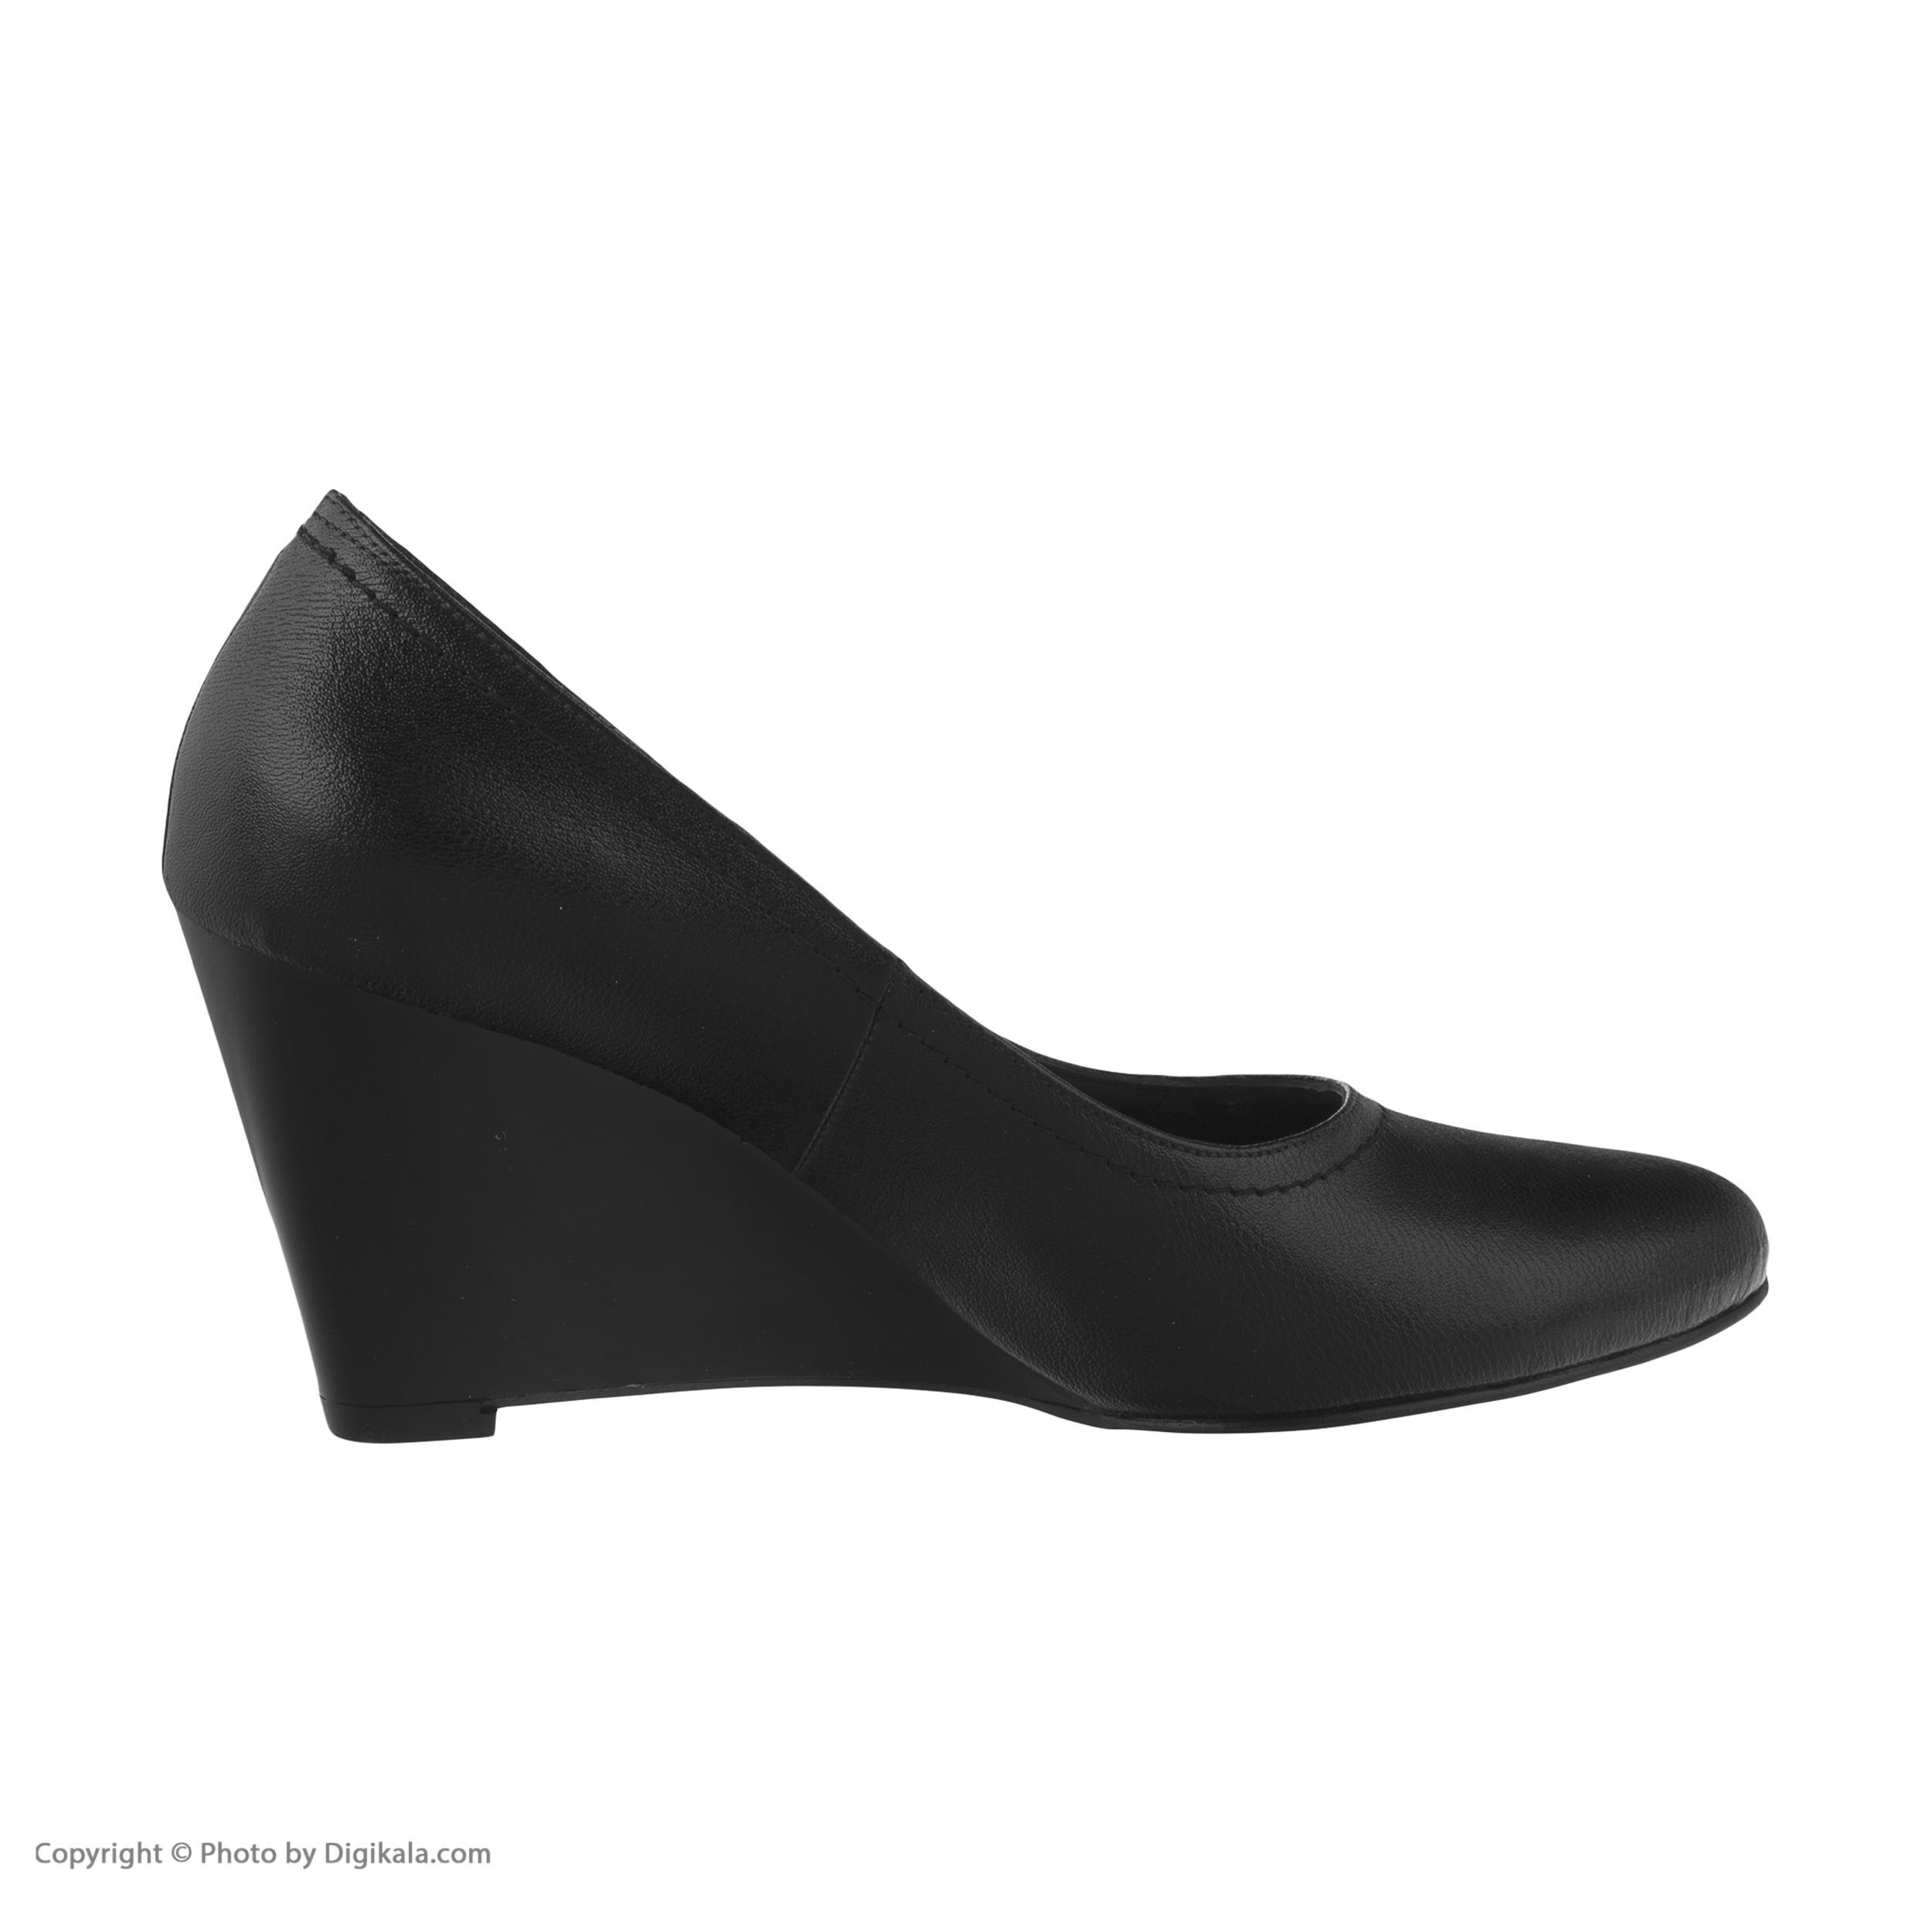 کفش زنانه شهر چرم مدل pc2041 -  - 6